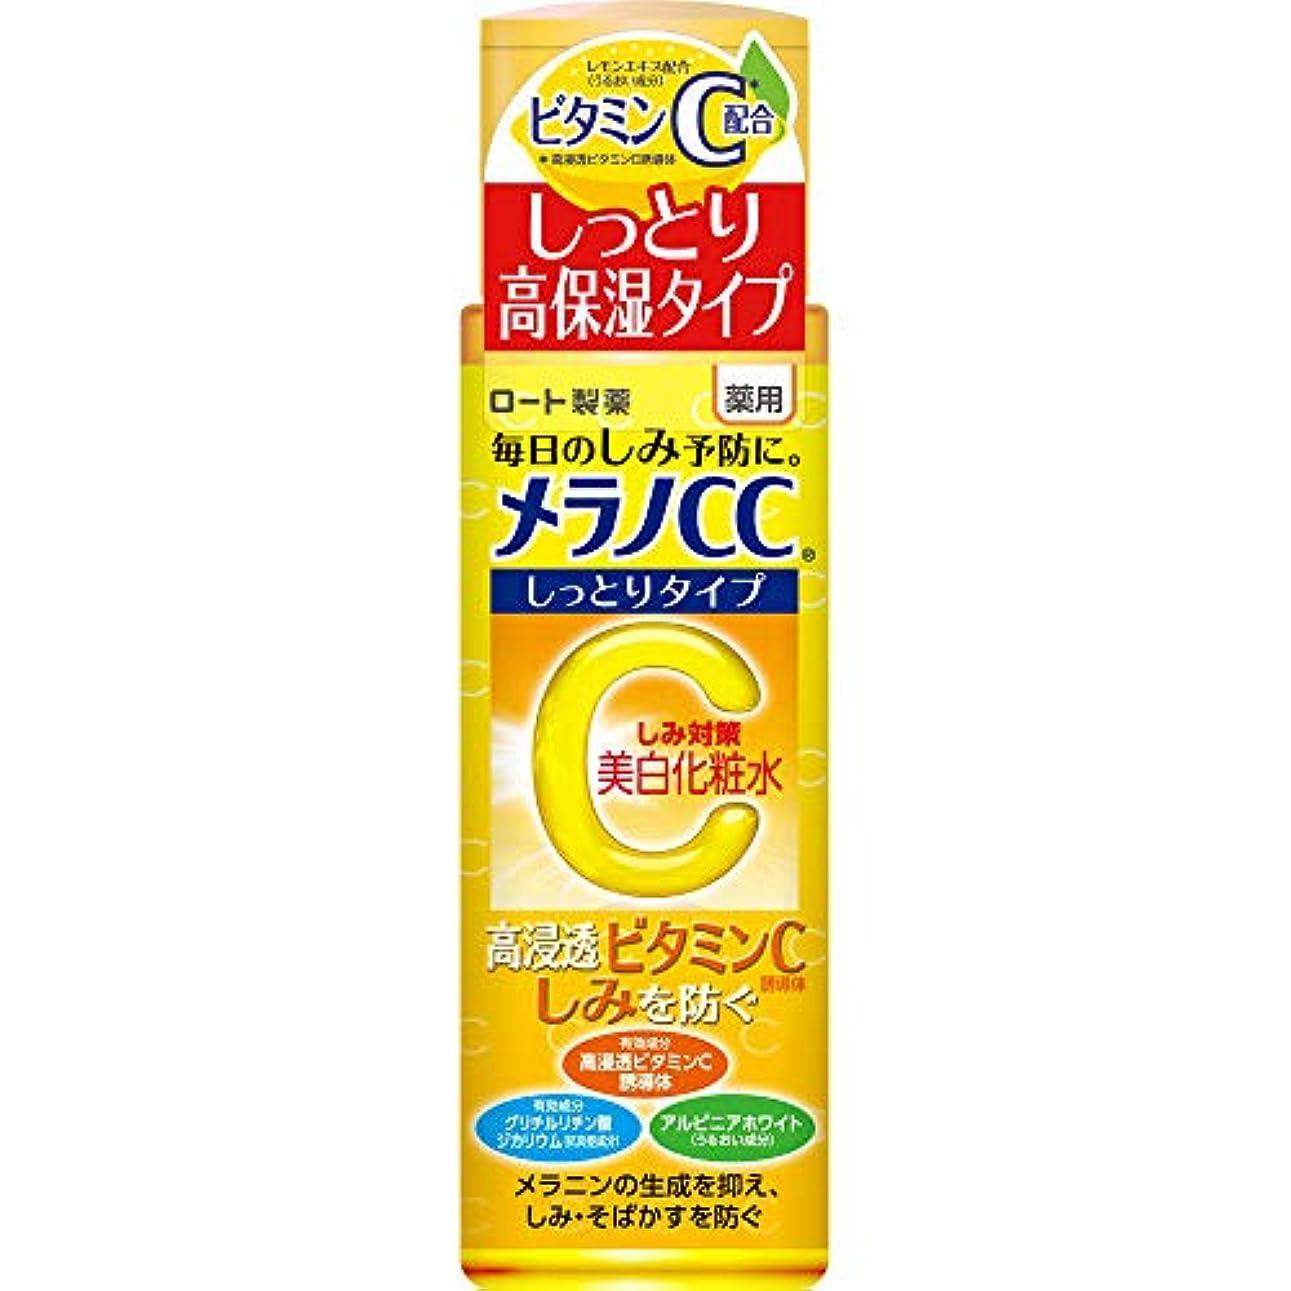 ビンセンサー非常に怒っていますメラノCC 薬用しみ対策美白化粧水 しっとりタイプ 170mL